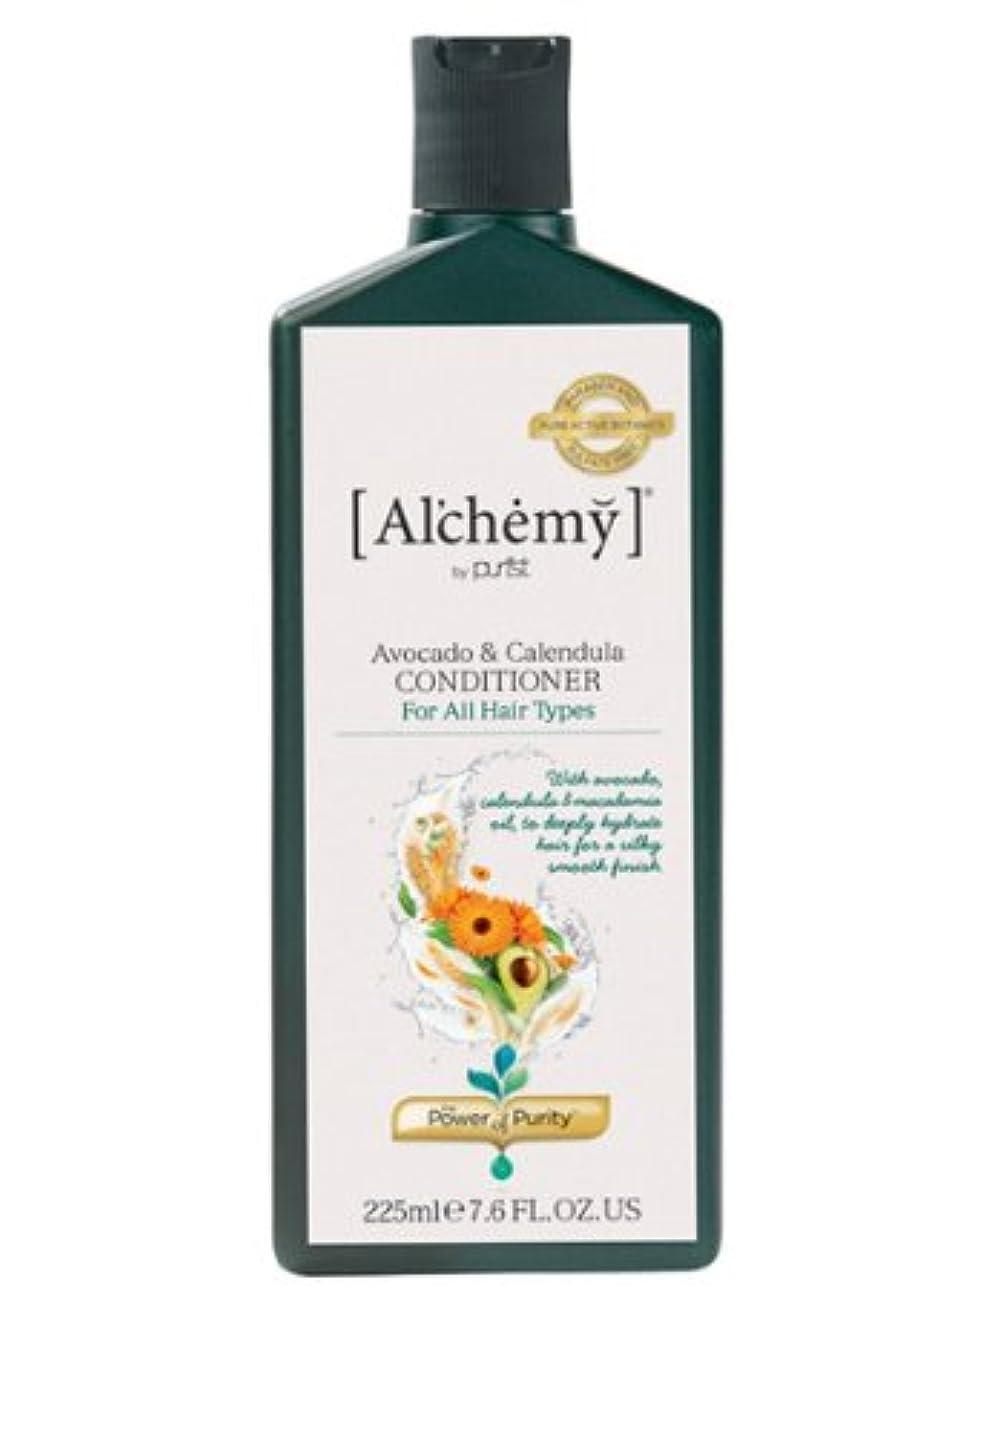 拘束泣き叫ぶクレタ【Al'chemy(alchemy)】アルケミー アボカド&カレデュラ コンディショナー(Avocado&Calendula Conditioner)(ドライ&ロングヘア用)225ml